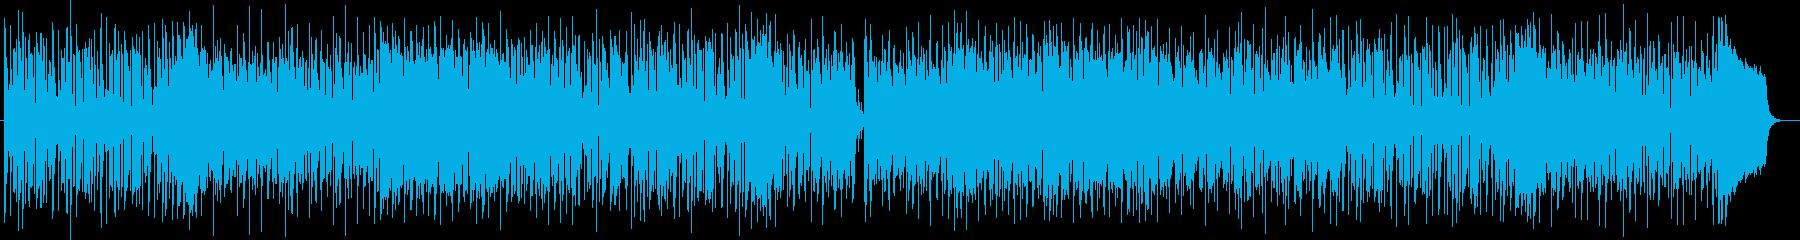 和テイストのあるポップなシンセ曲の再生済みの波形